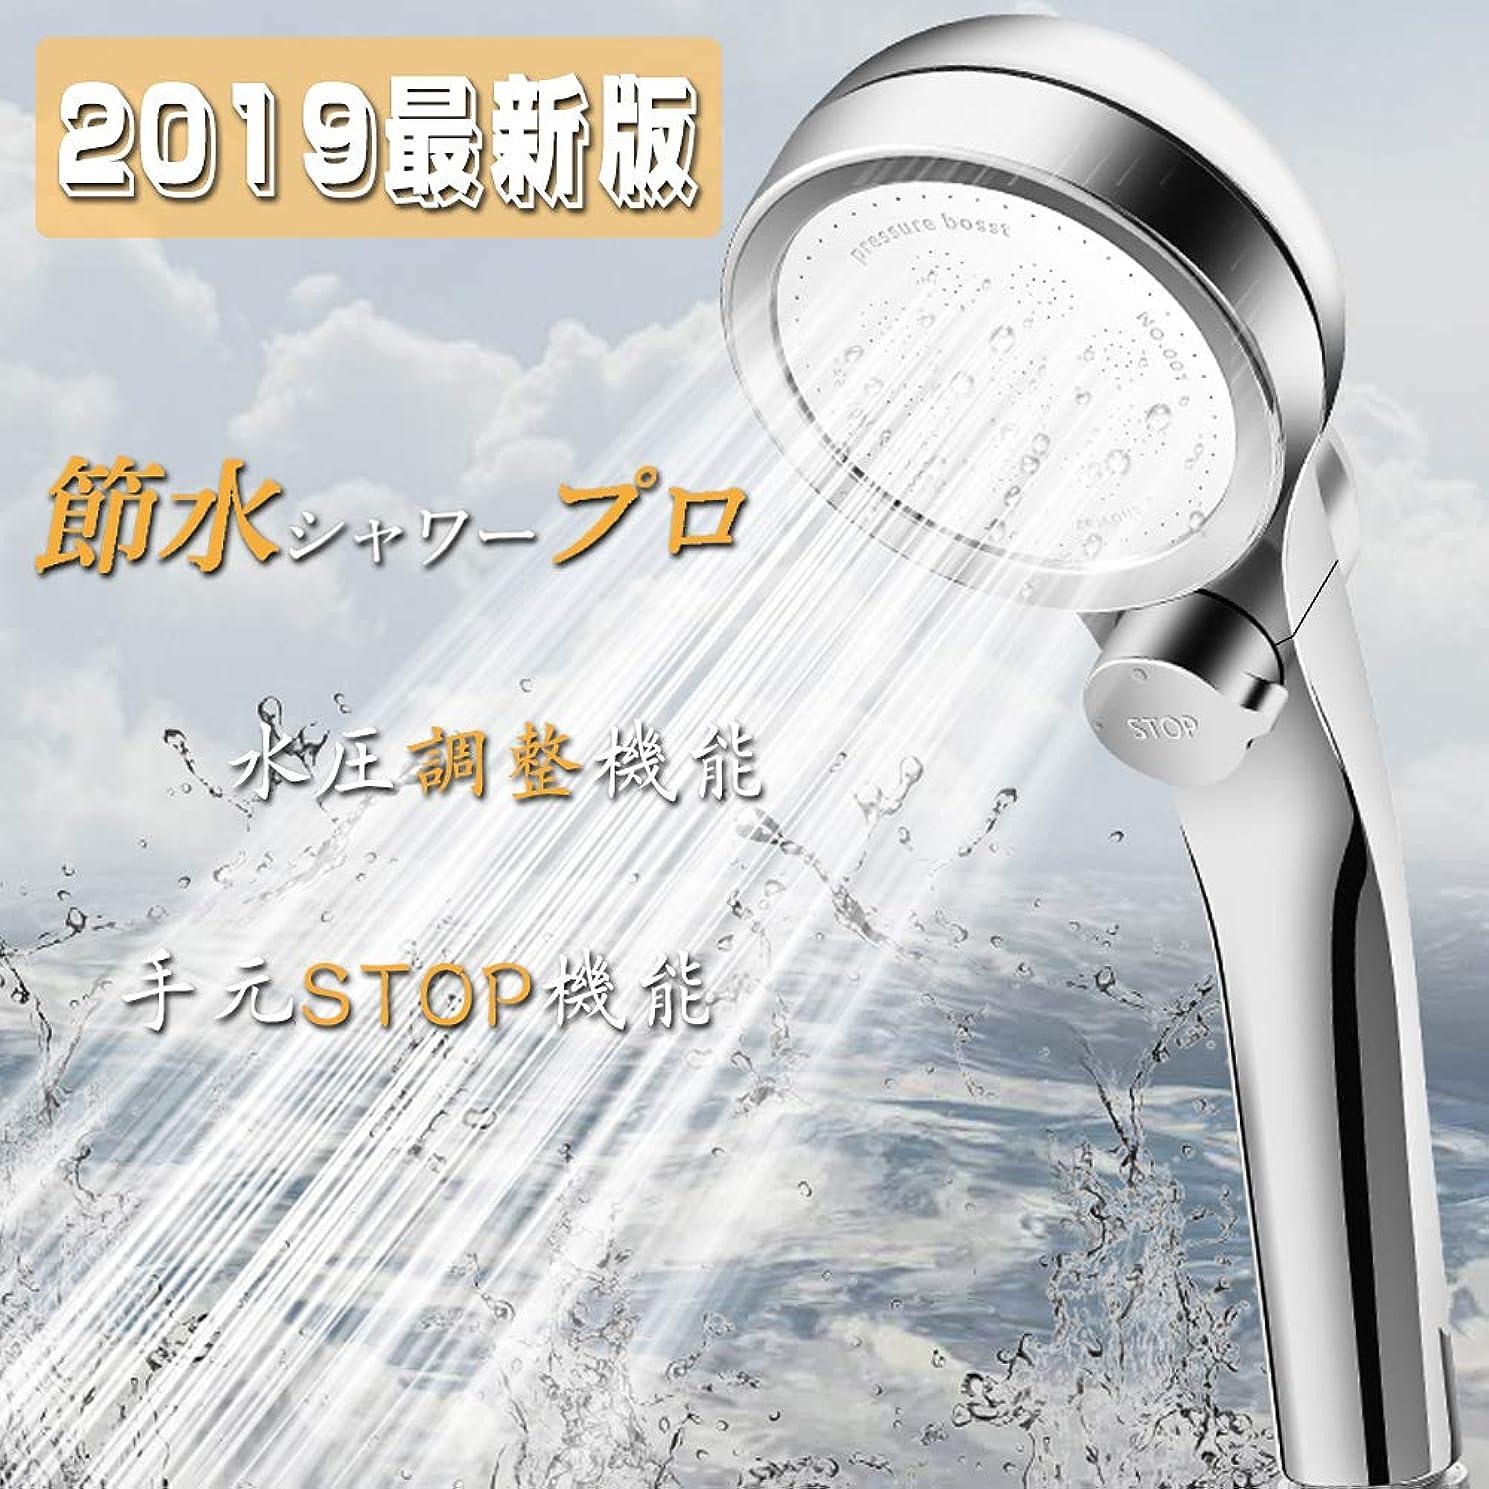 計り知れないヶ月目ブリーフケース【2019最新版】Drakefyre シャワーヘッド 節水 増圧シャワー 水量切替 手元止水 浄水 内蔵フィルターボックス 取り付け簡単 工具不要 国際汎用基準G1/2